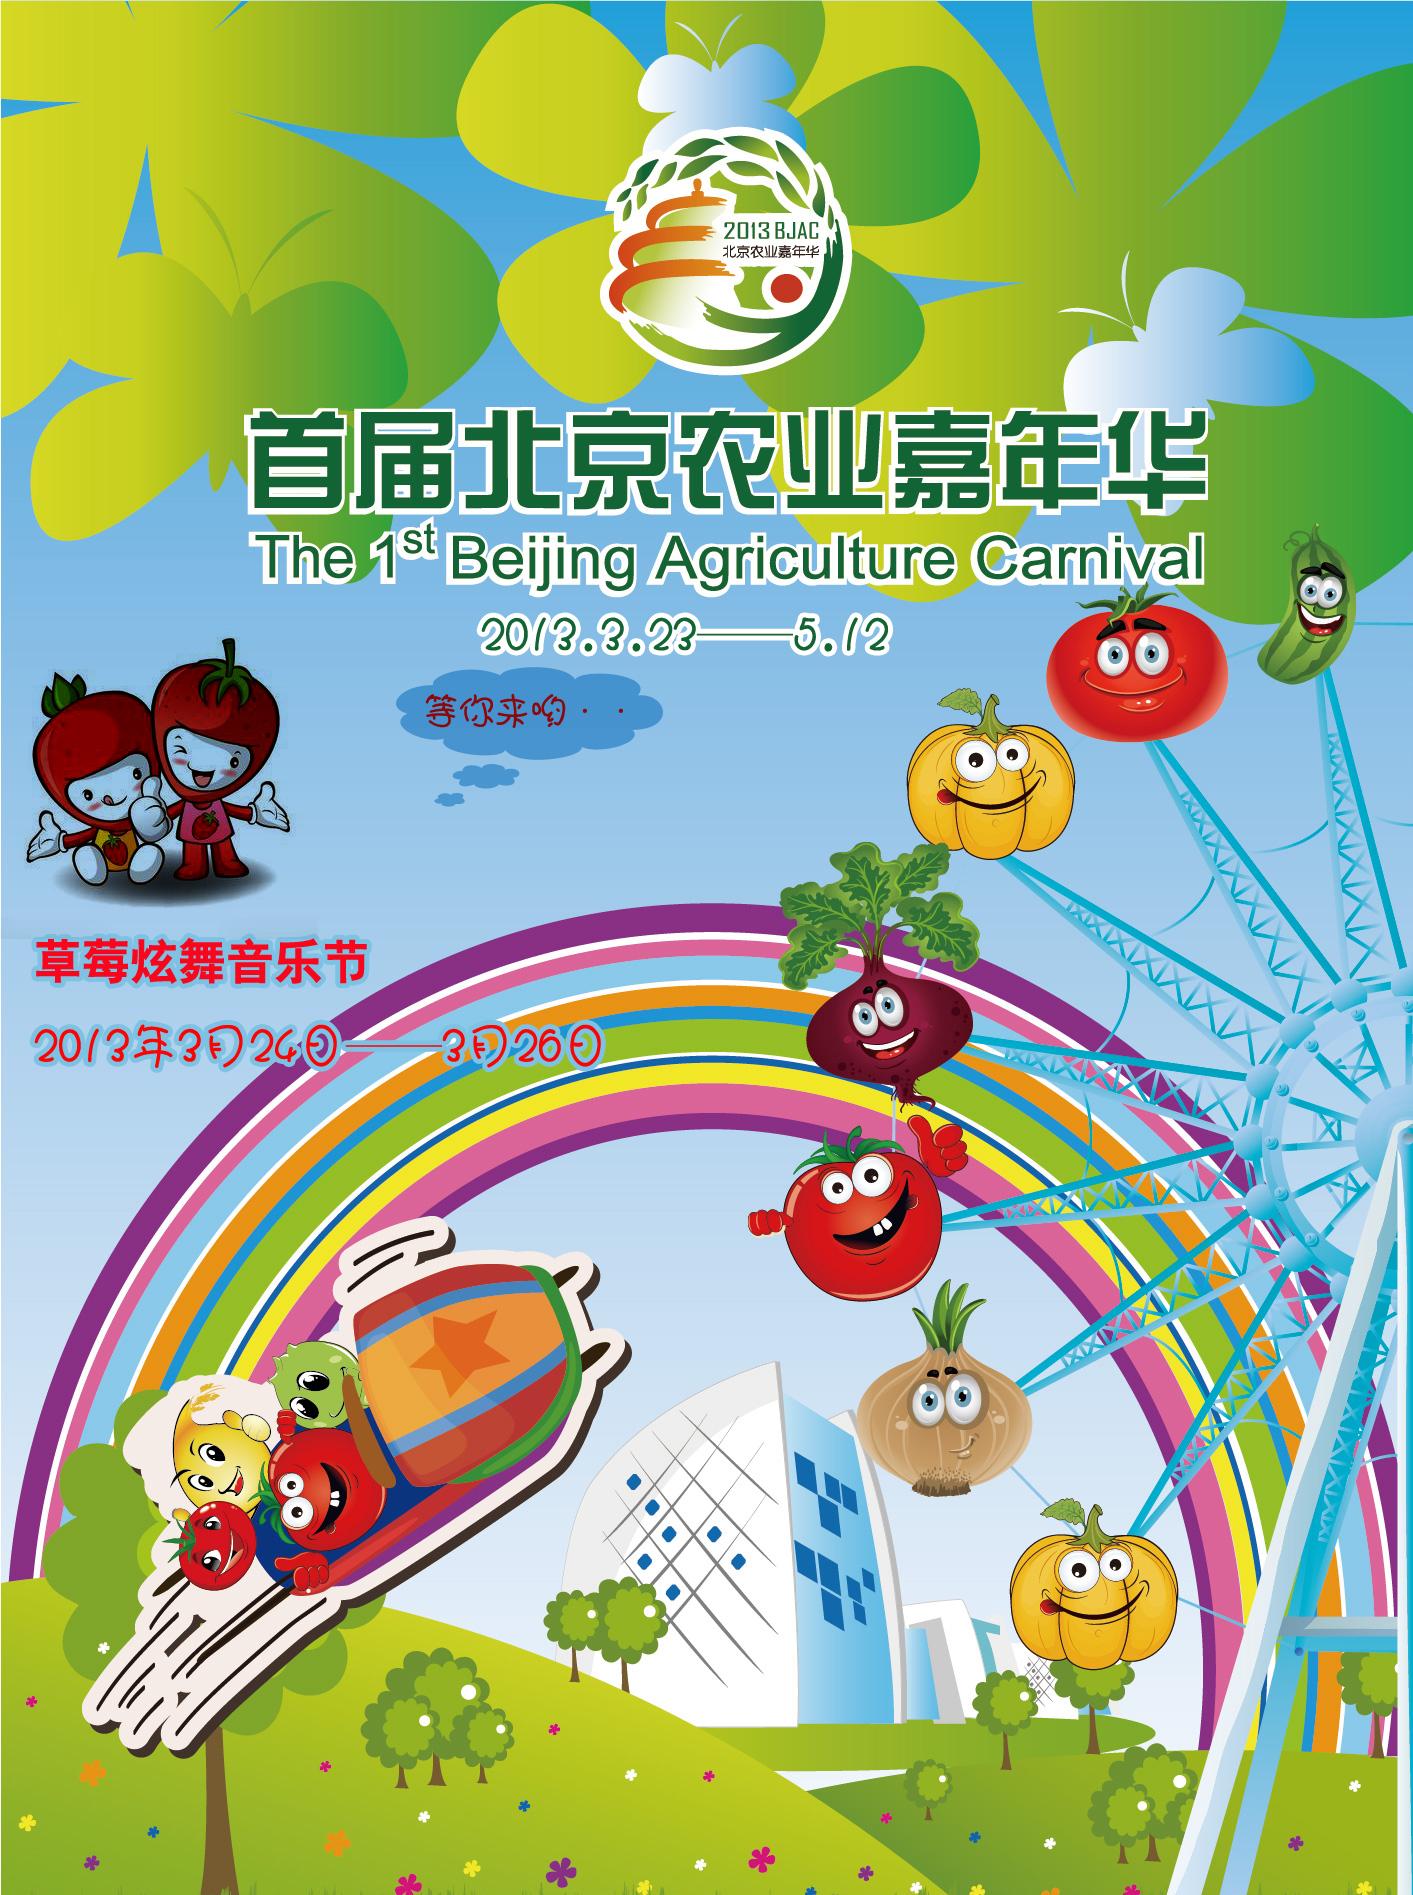 北京首届农业嘉年华 特价票